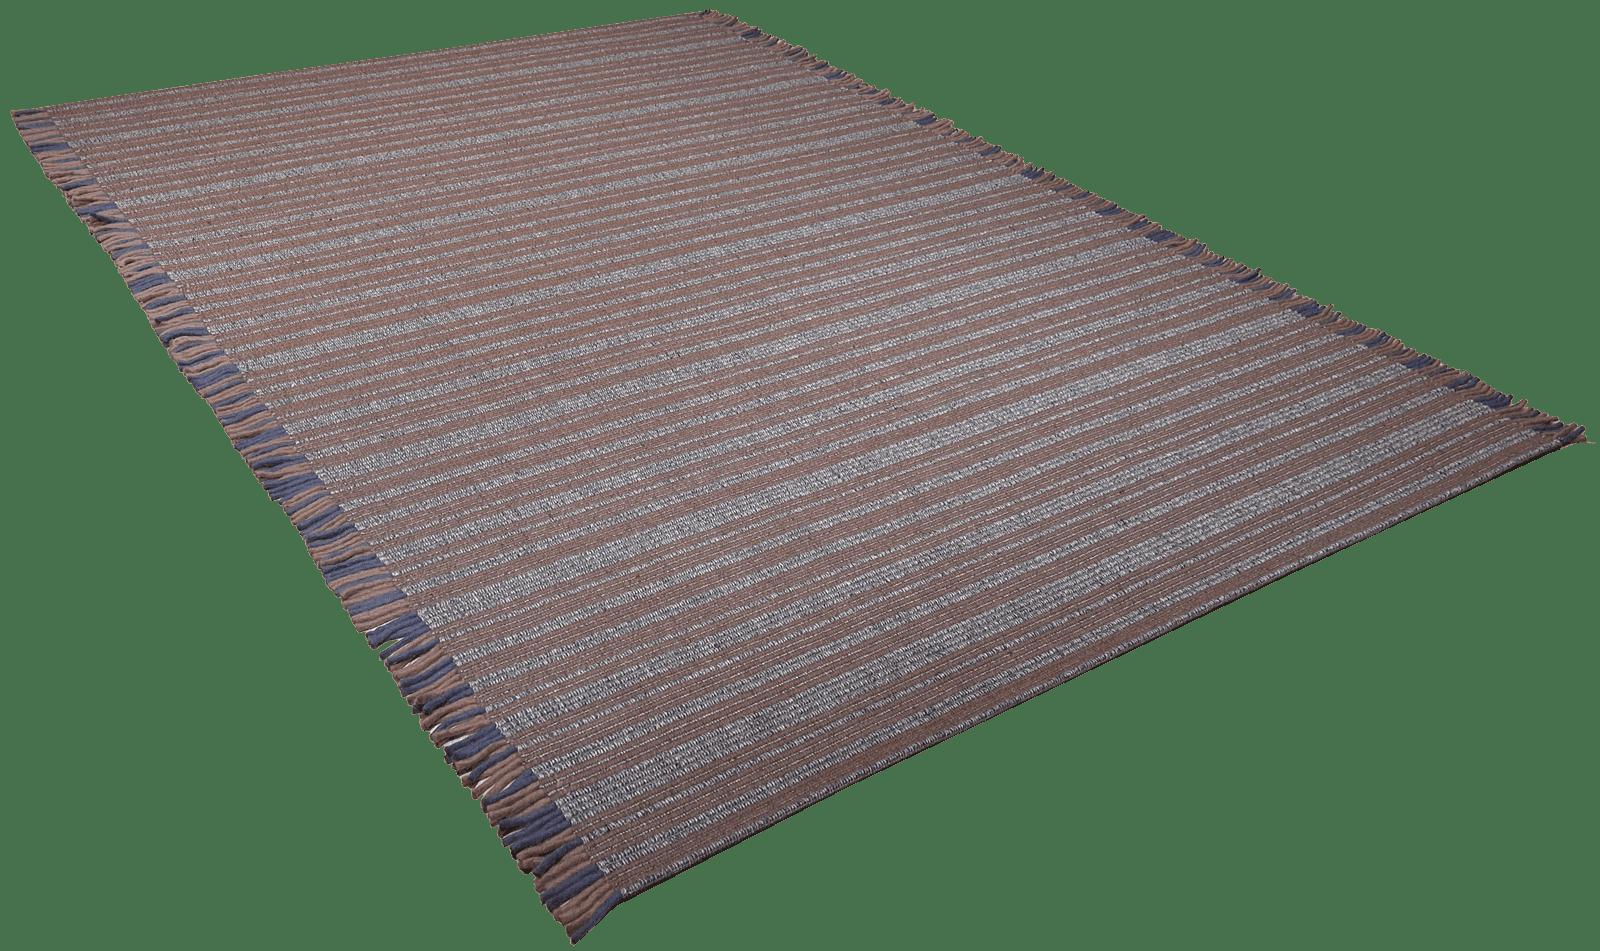 joy-design-tapijt-moderne-design-tapijten-luxe-vloerkleden-exclusief-vloerkleed-koreman-maastricht